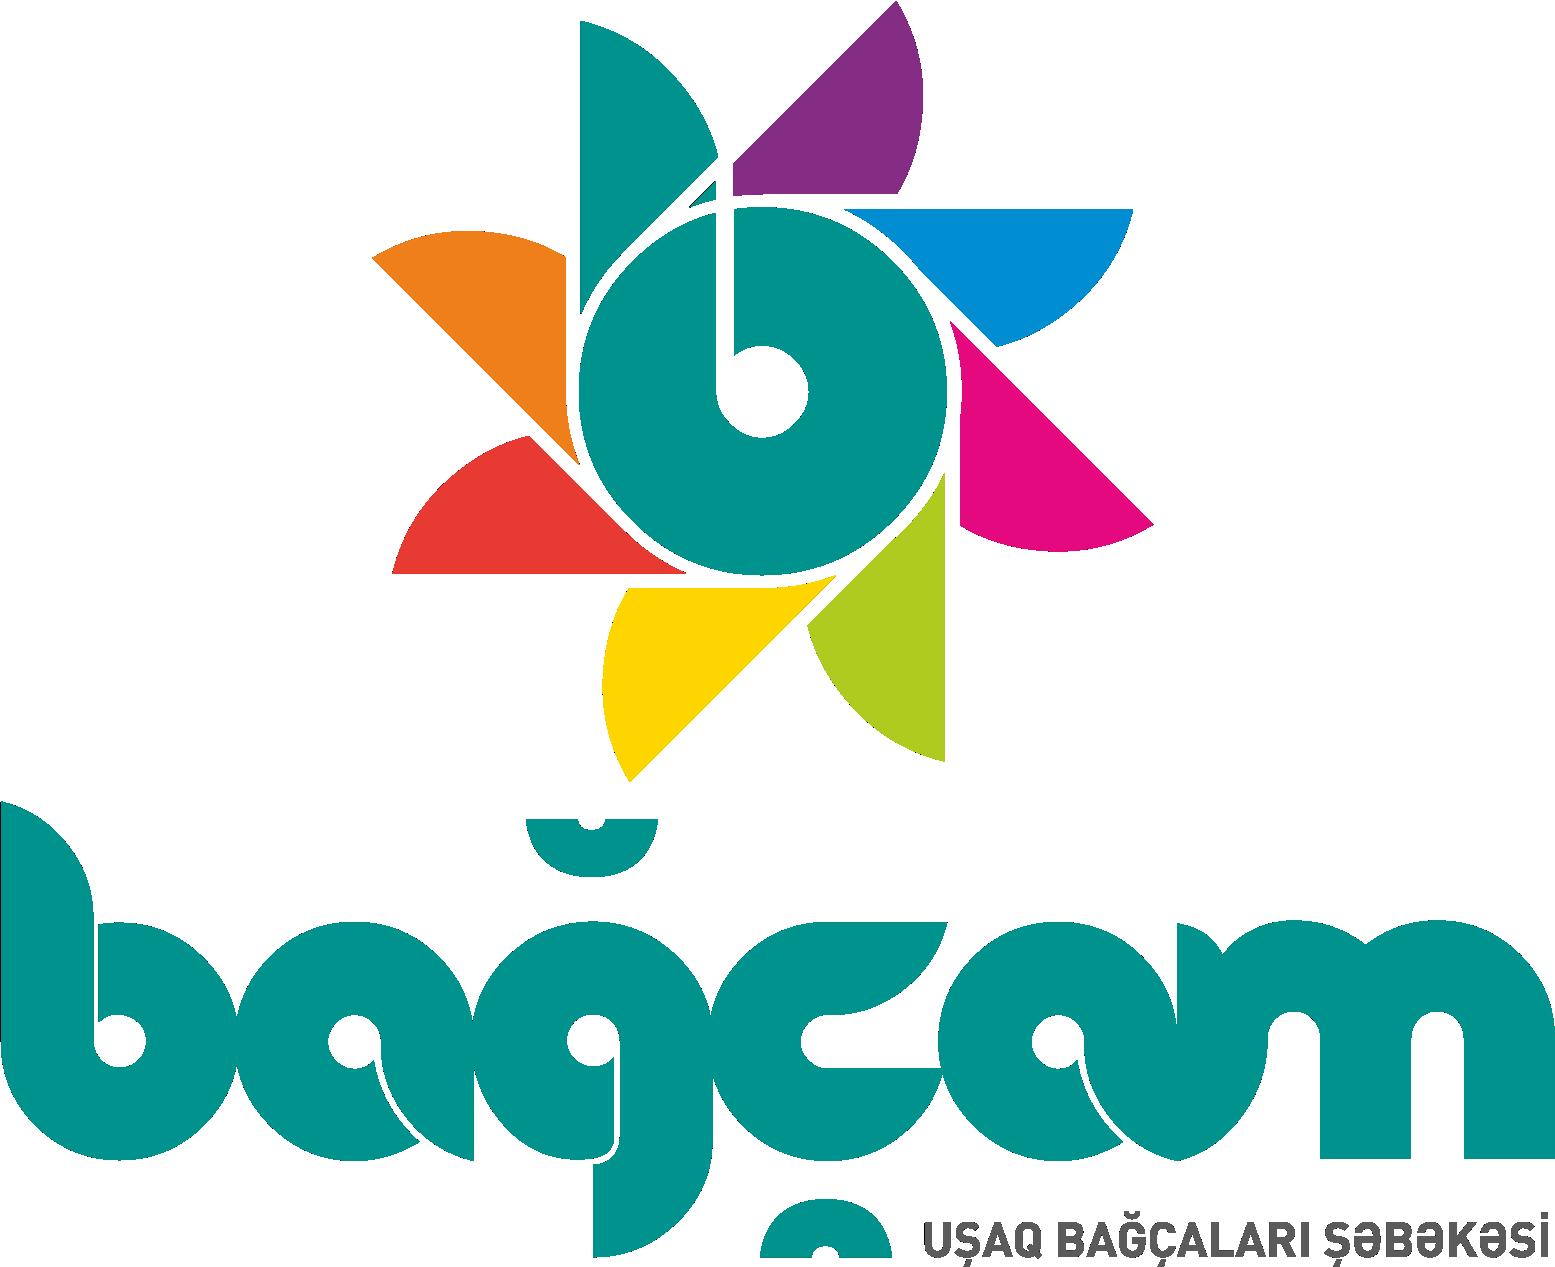 Bagcam logo